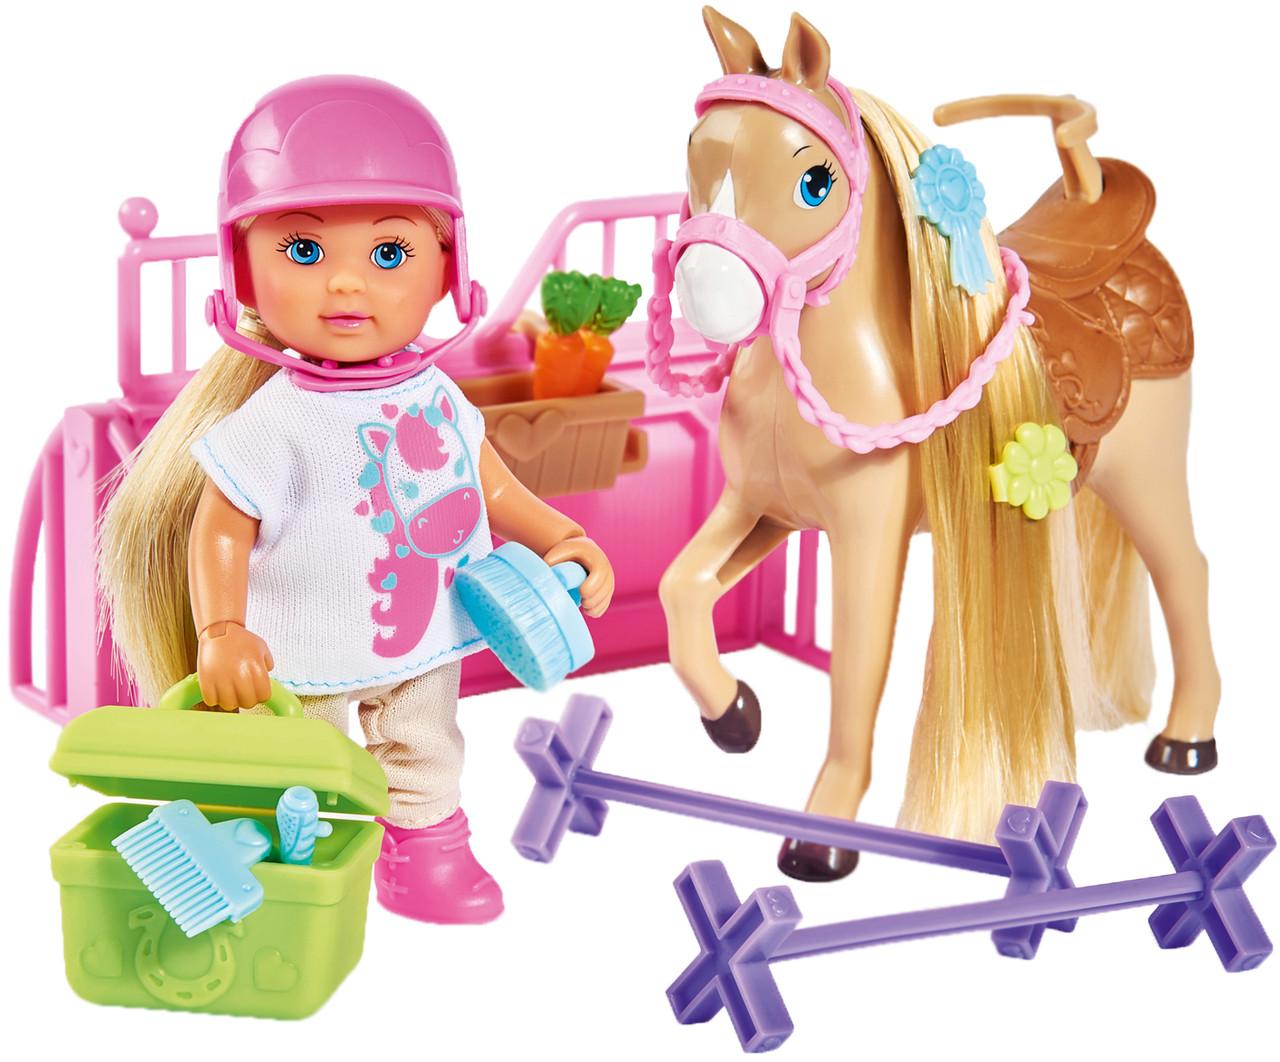 Игровой набор кукла Эви Холидей Конюшня с лошадкой и аксессуарами Еви Simba 5733274